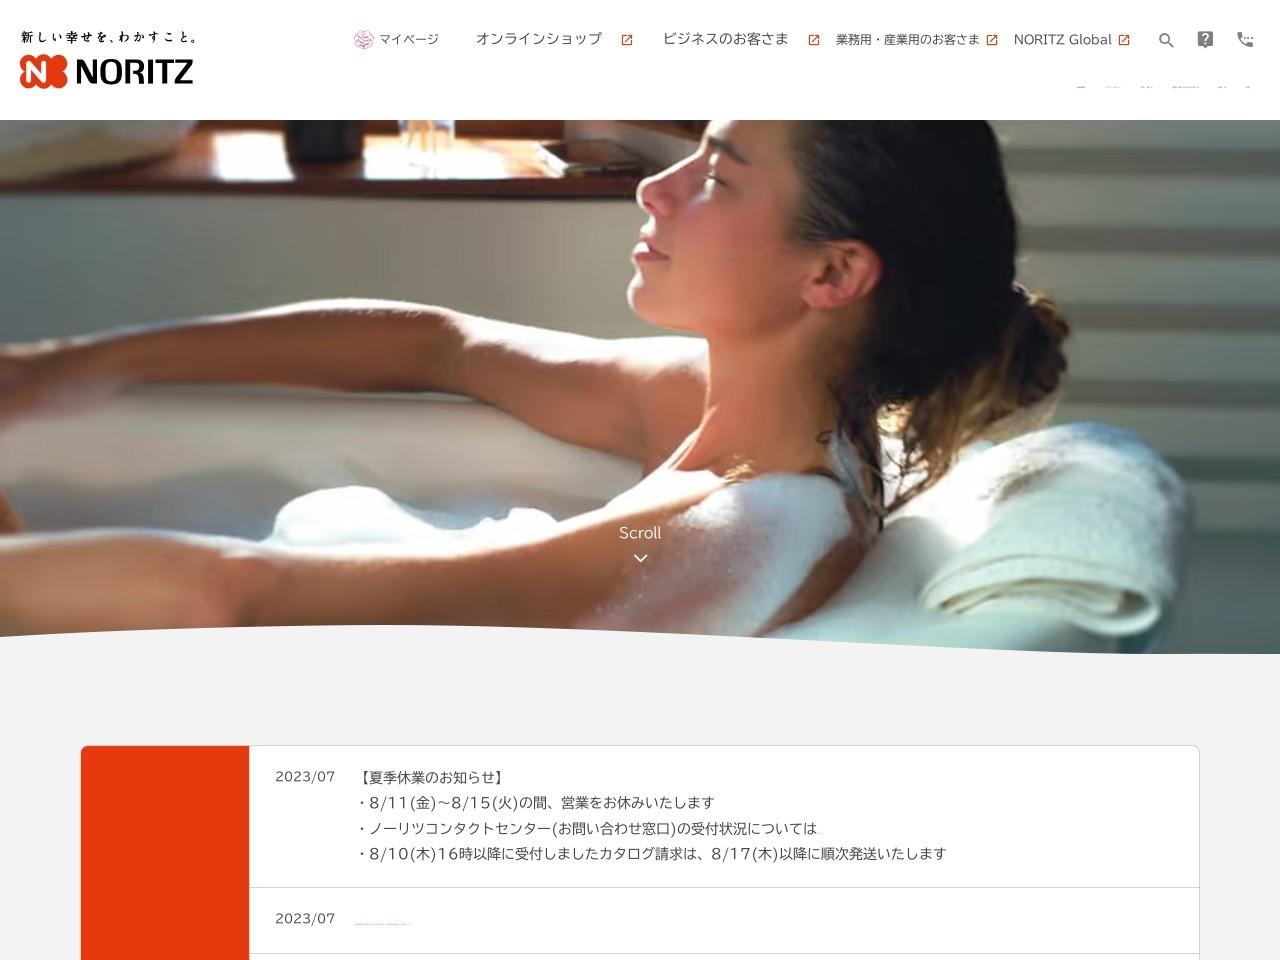 株式会社ノーリツ西東京支店